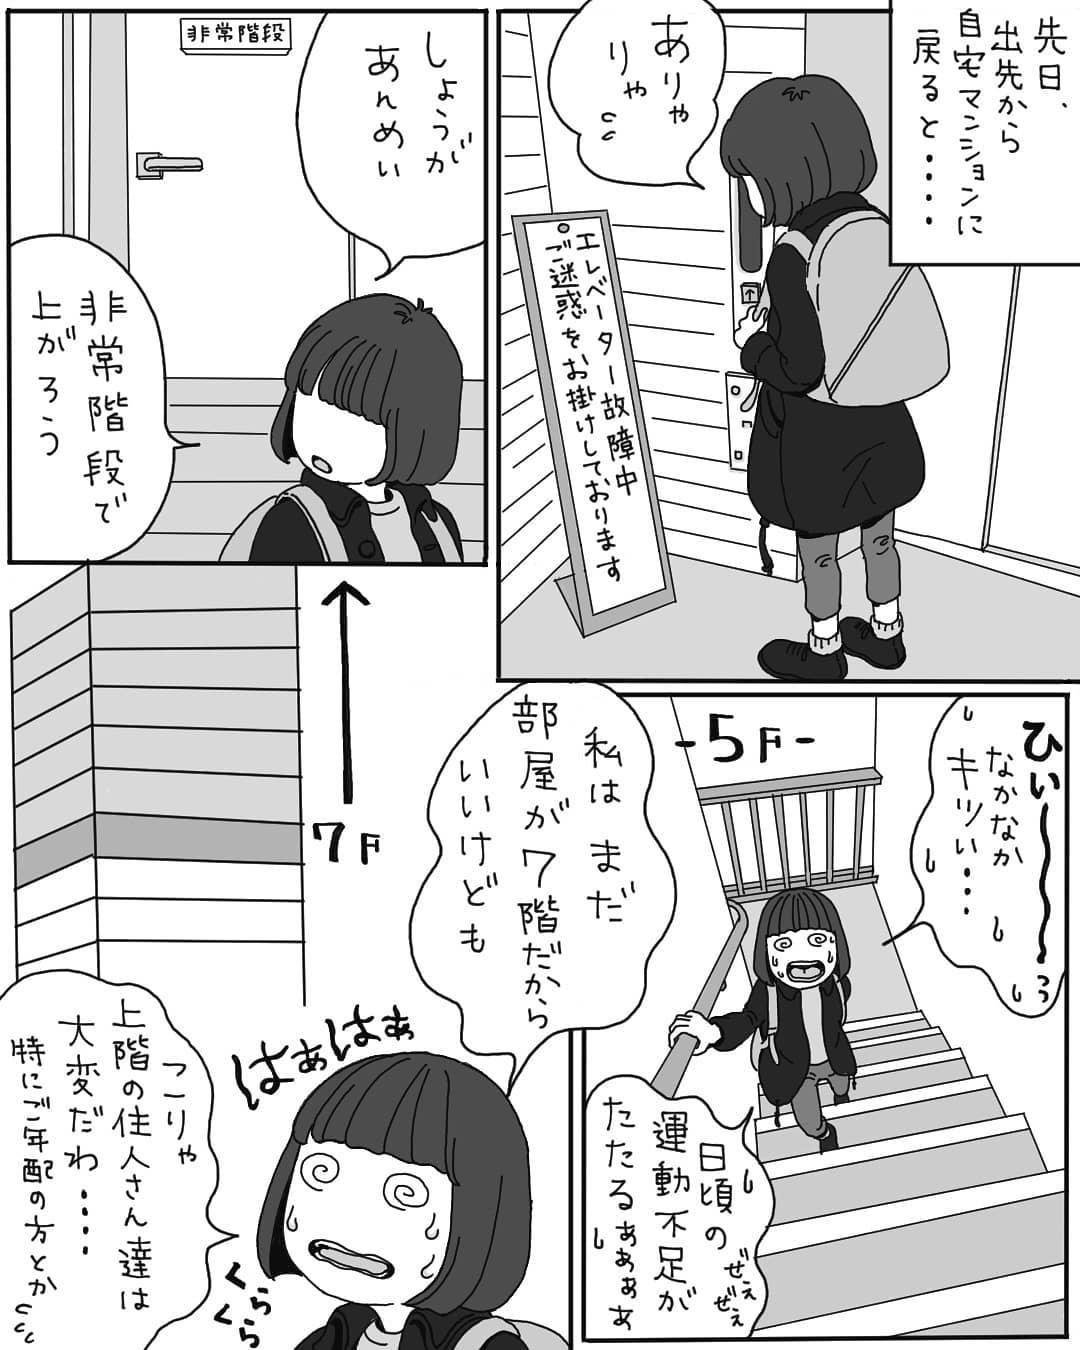 kanako_kobayashi_50094098_111108426647173_1606084266282021743_n